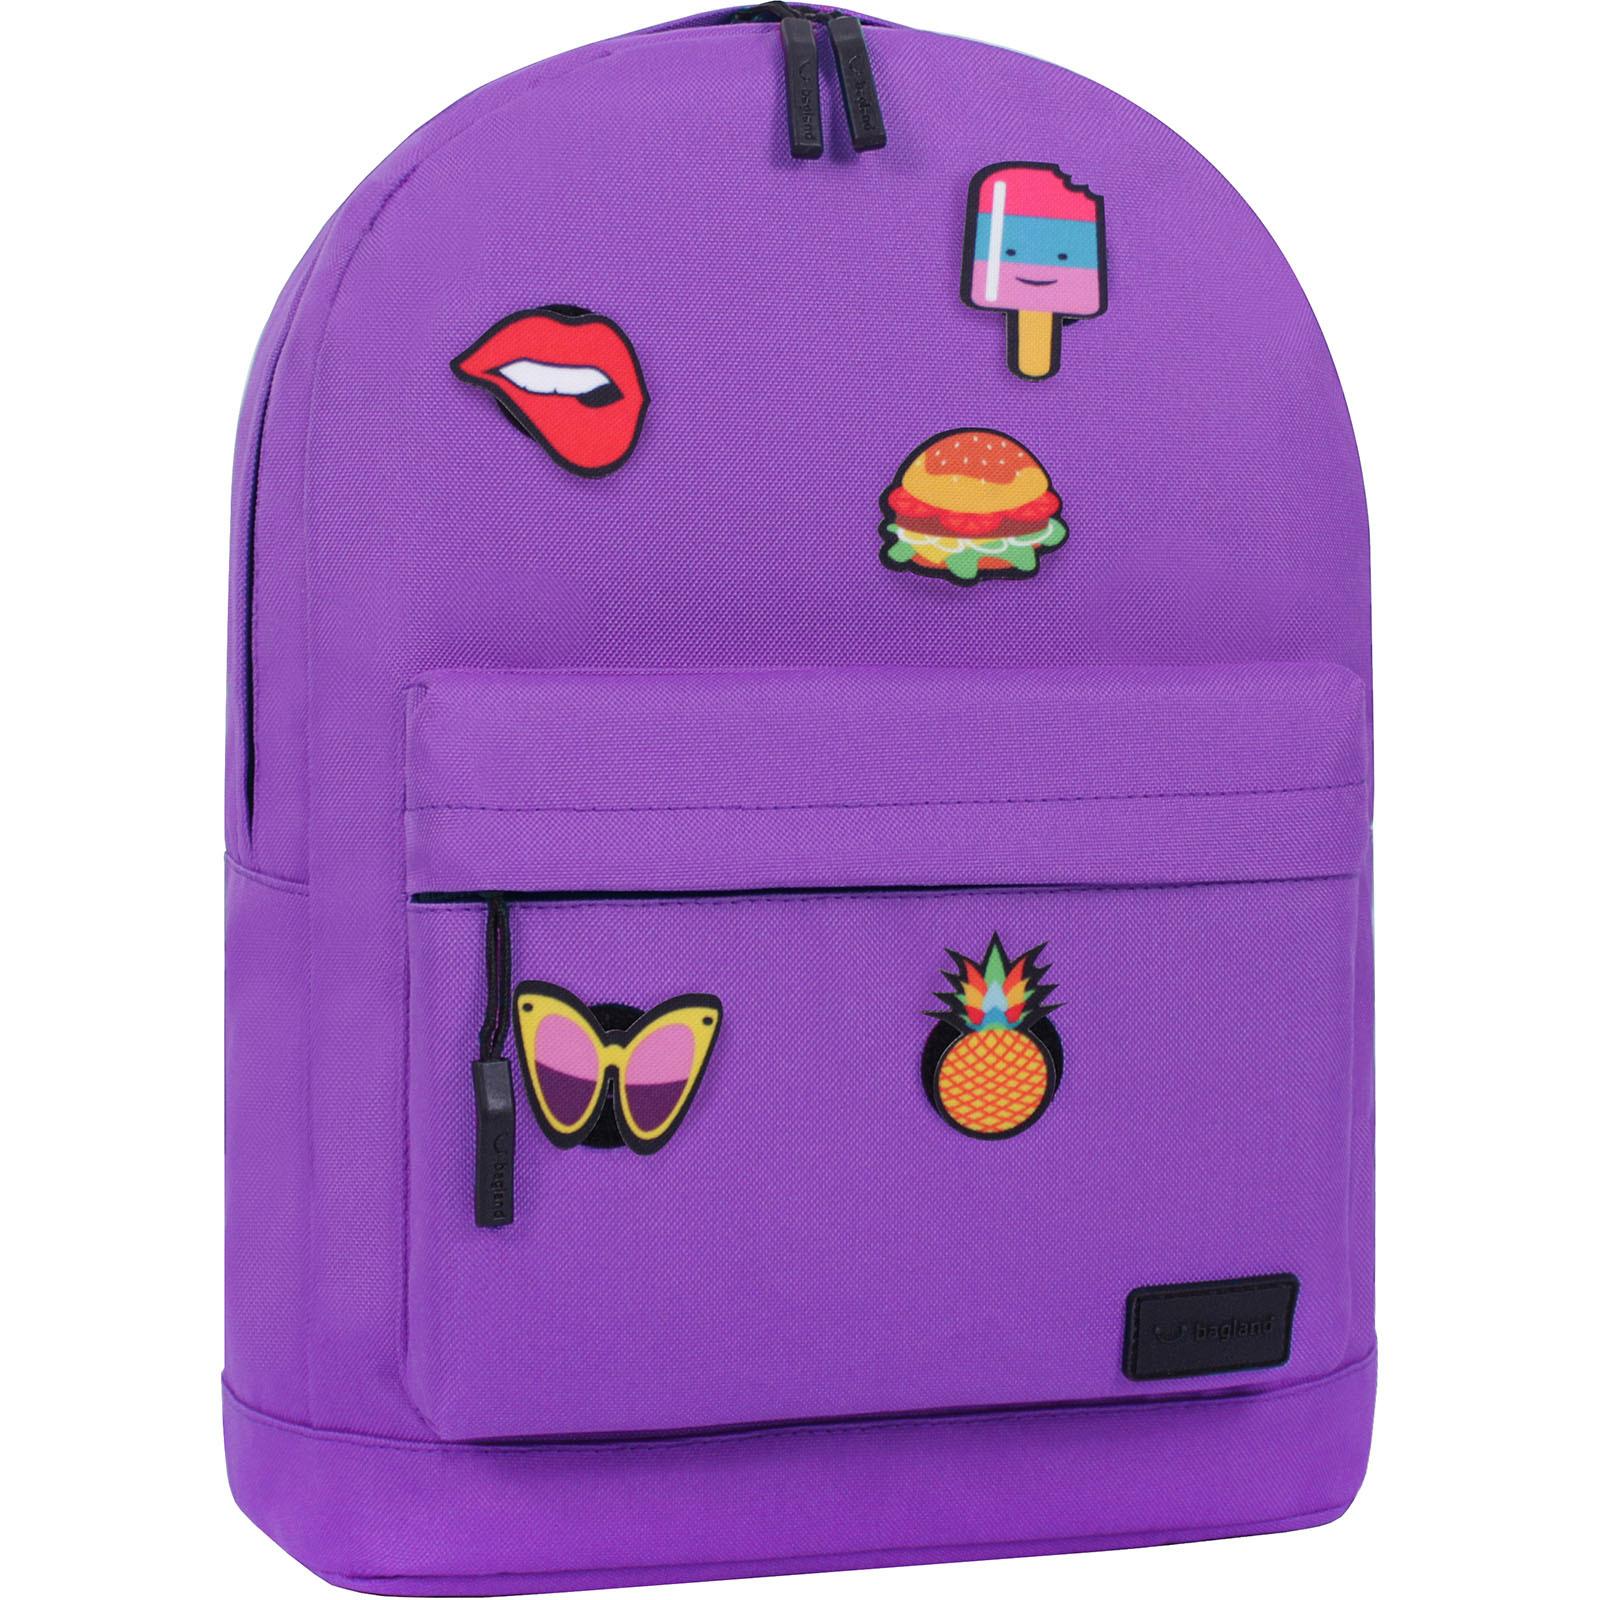 Городские рюкзаки Рюкзак Bagland Молодежный W/R 17 л. 170 Фиолетовый (00533662 Ш) IMG_2901.JPG